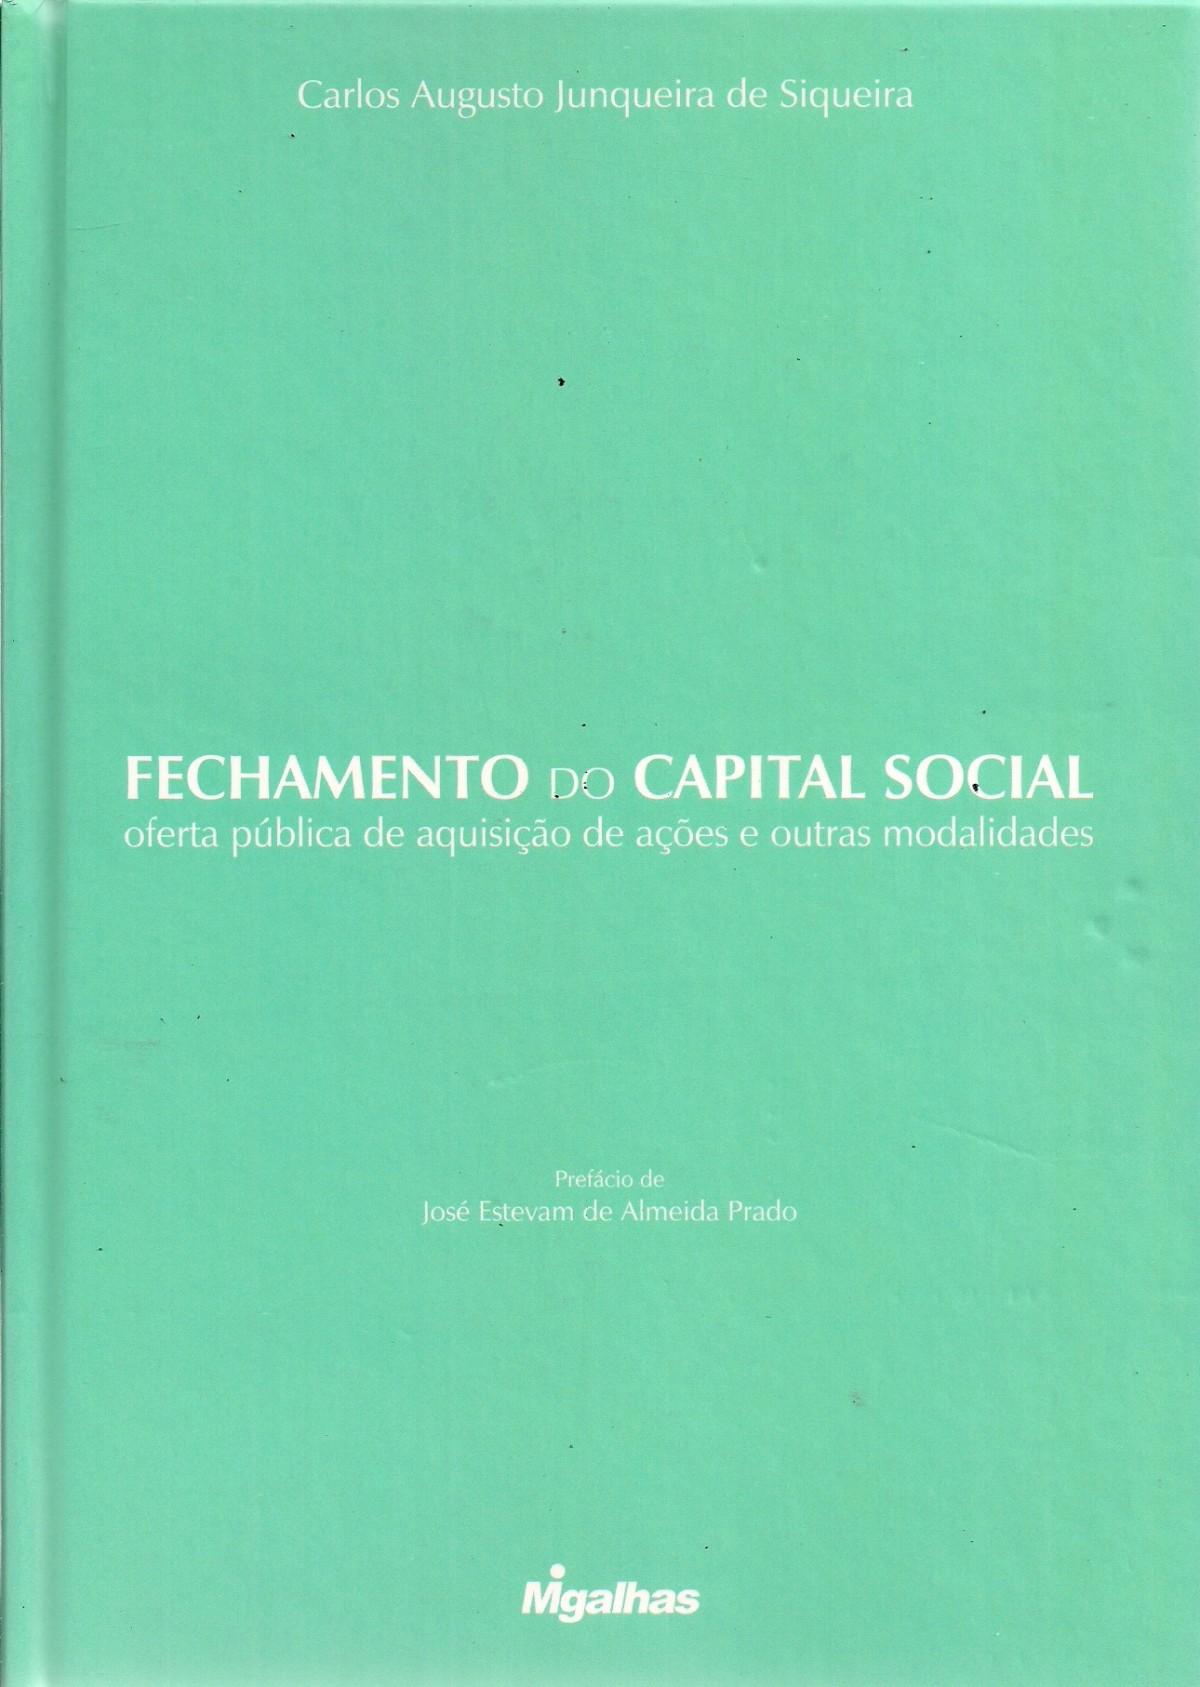 Foto 1 - Fechamento do Capital Social